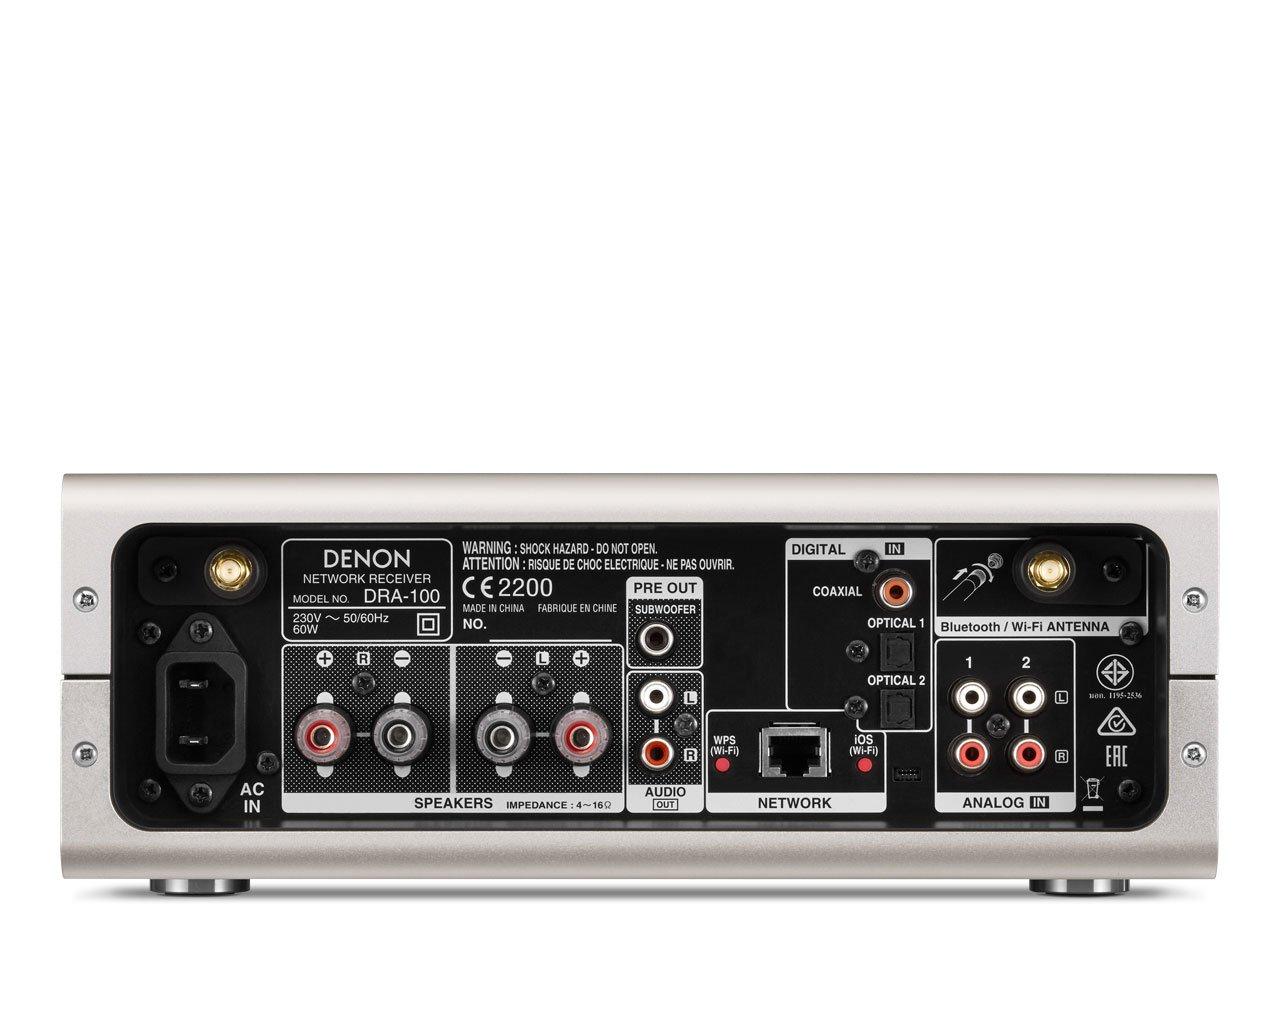 Denon DRA-100 - Receptor en red, con WiFi y Bluetooth, potencia 70 W x 2, color plata: Amazon.es: Electrónica